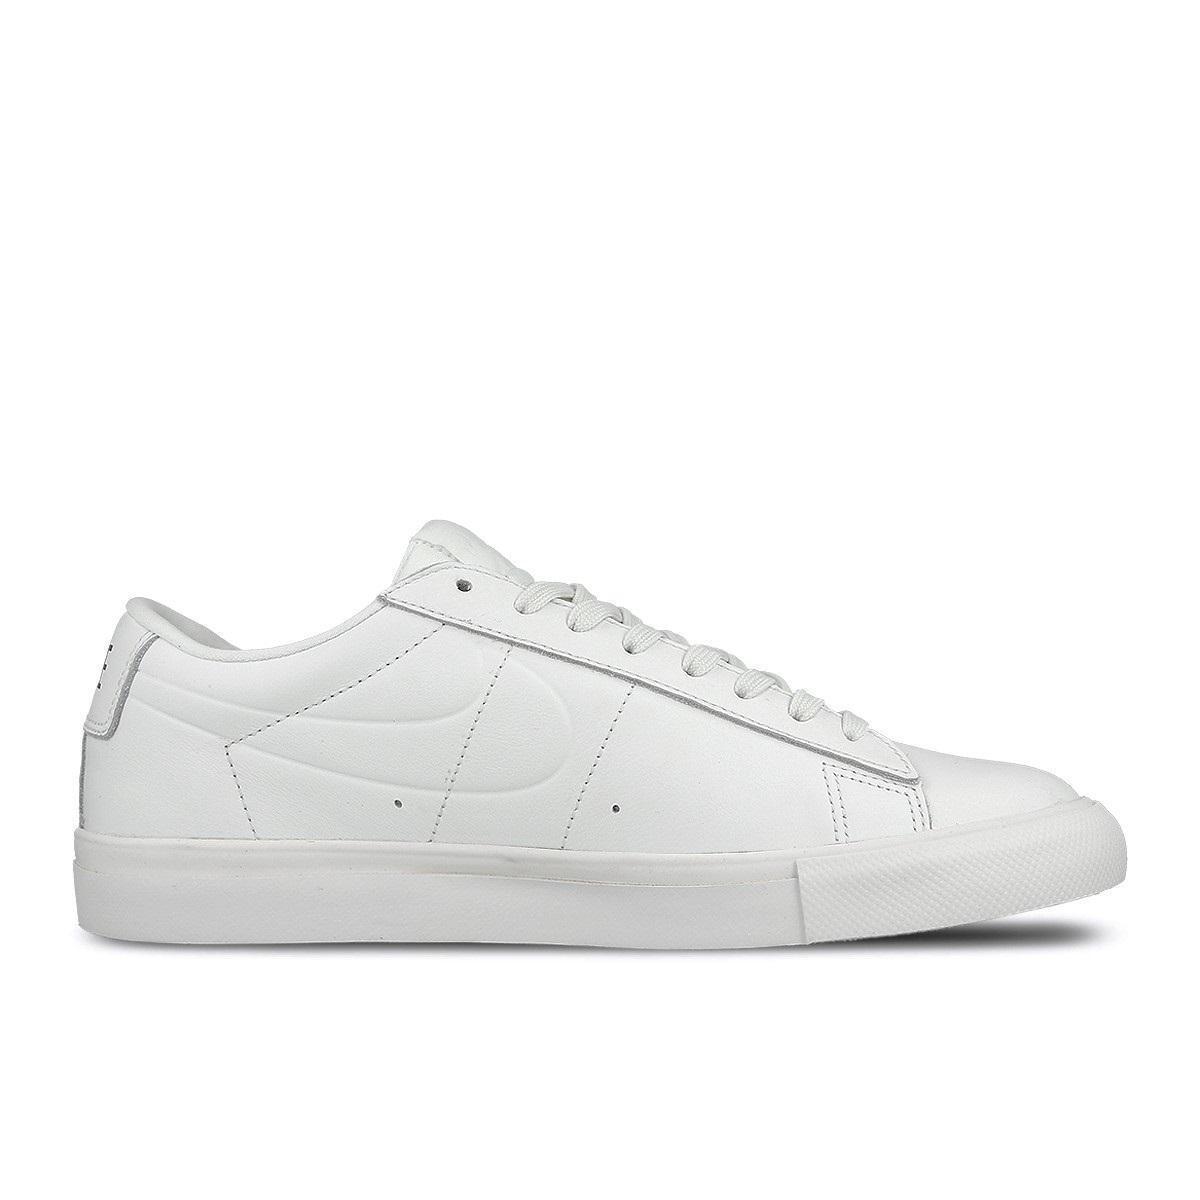 Mens nike blazer basso di pelle bianca, i i i formatori 371760 109 | Le vendite online  | Uomini/Donne Scarpa  a858f8